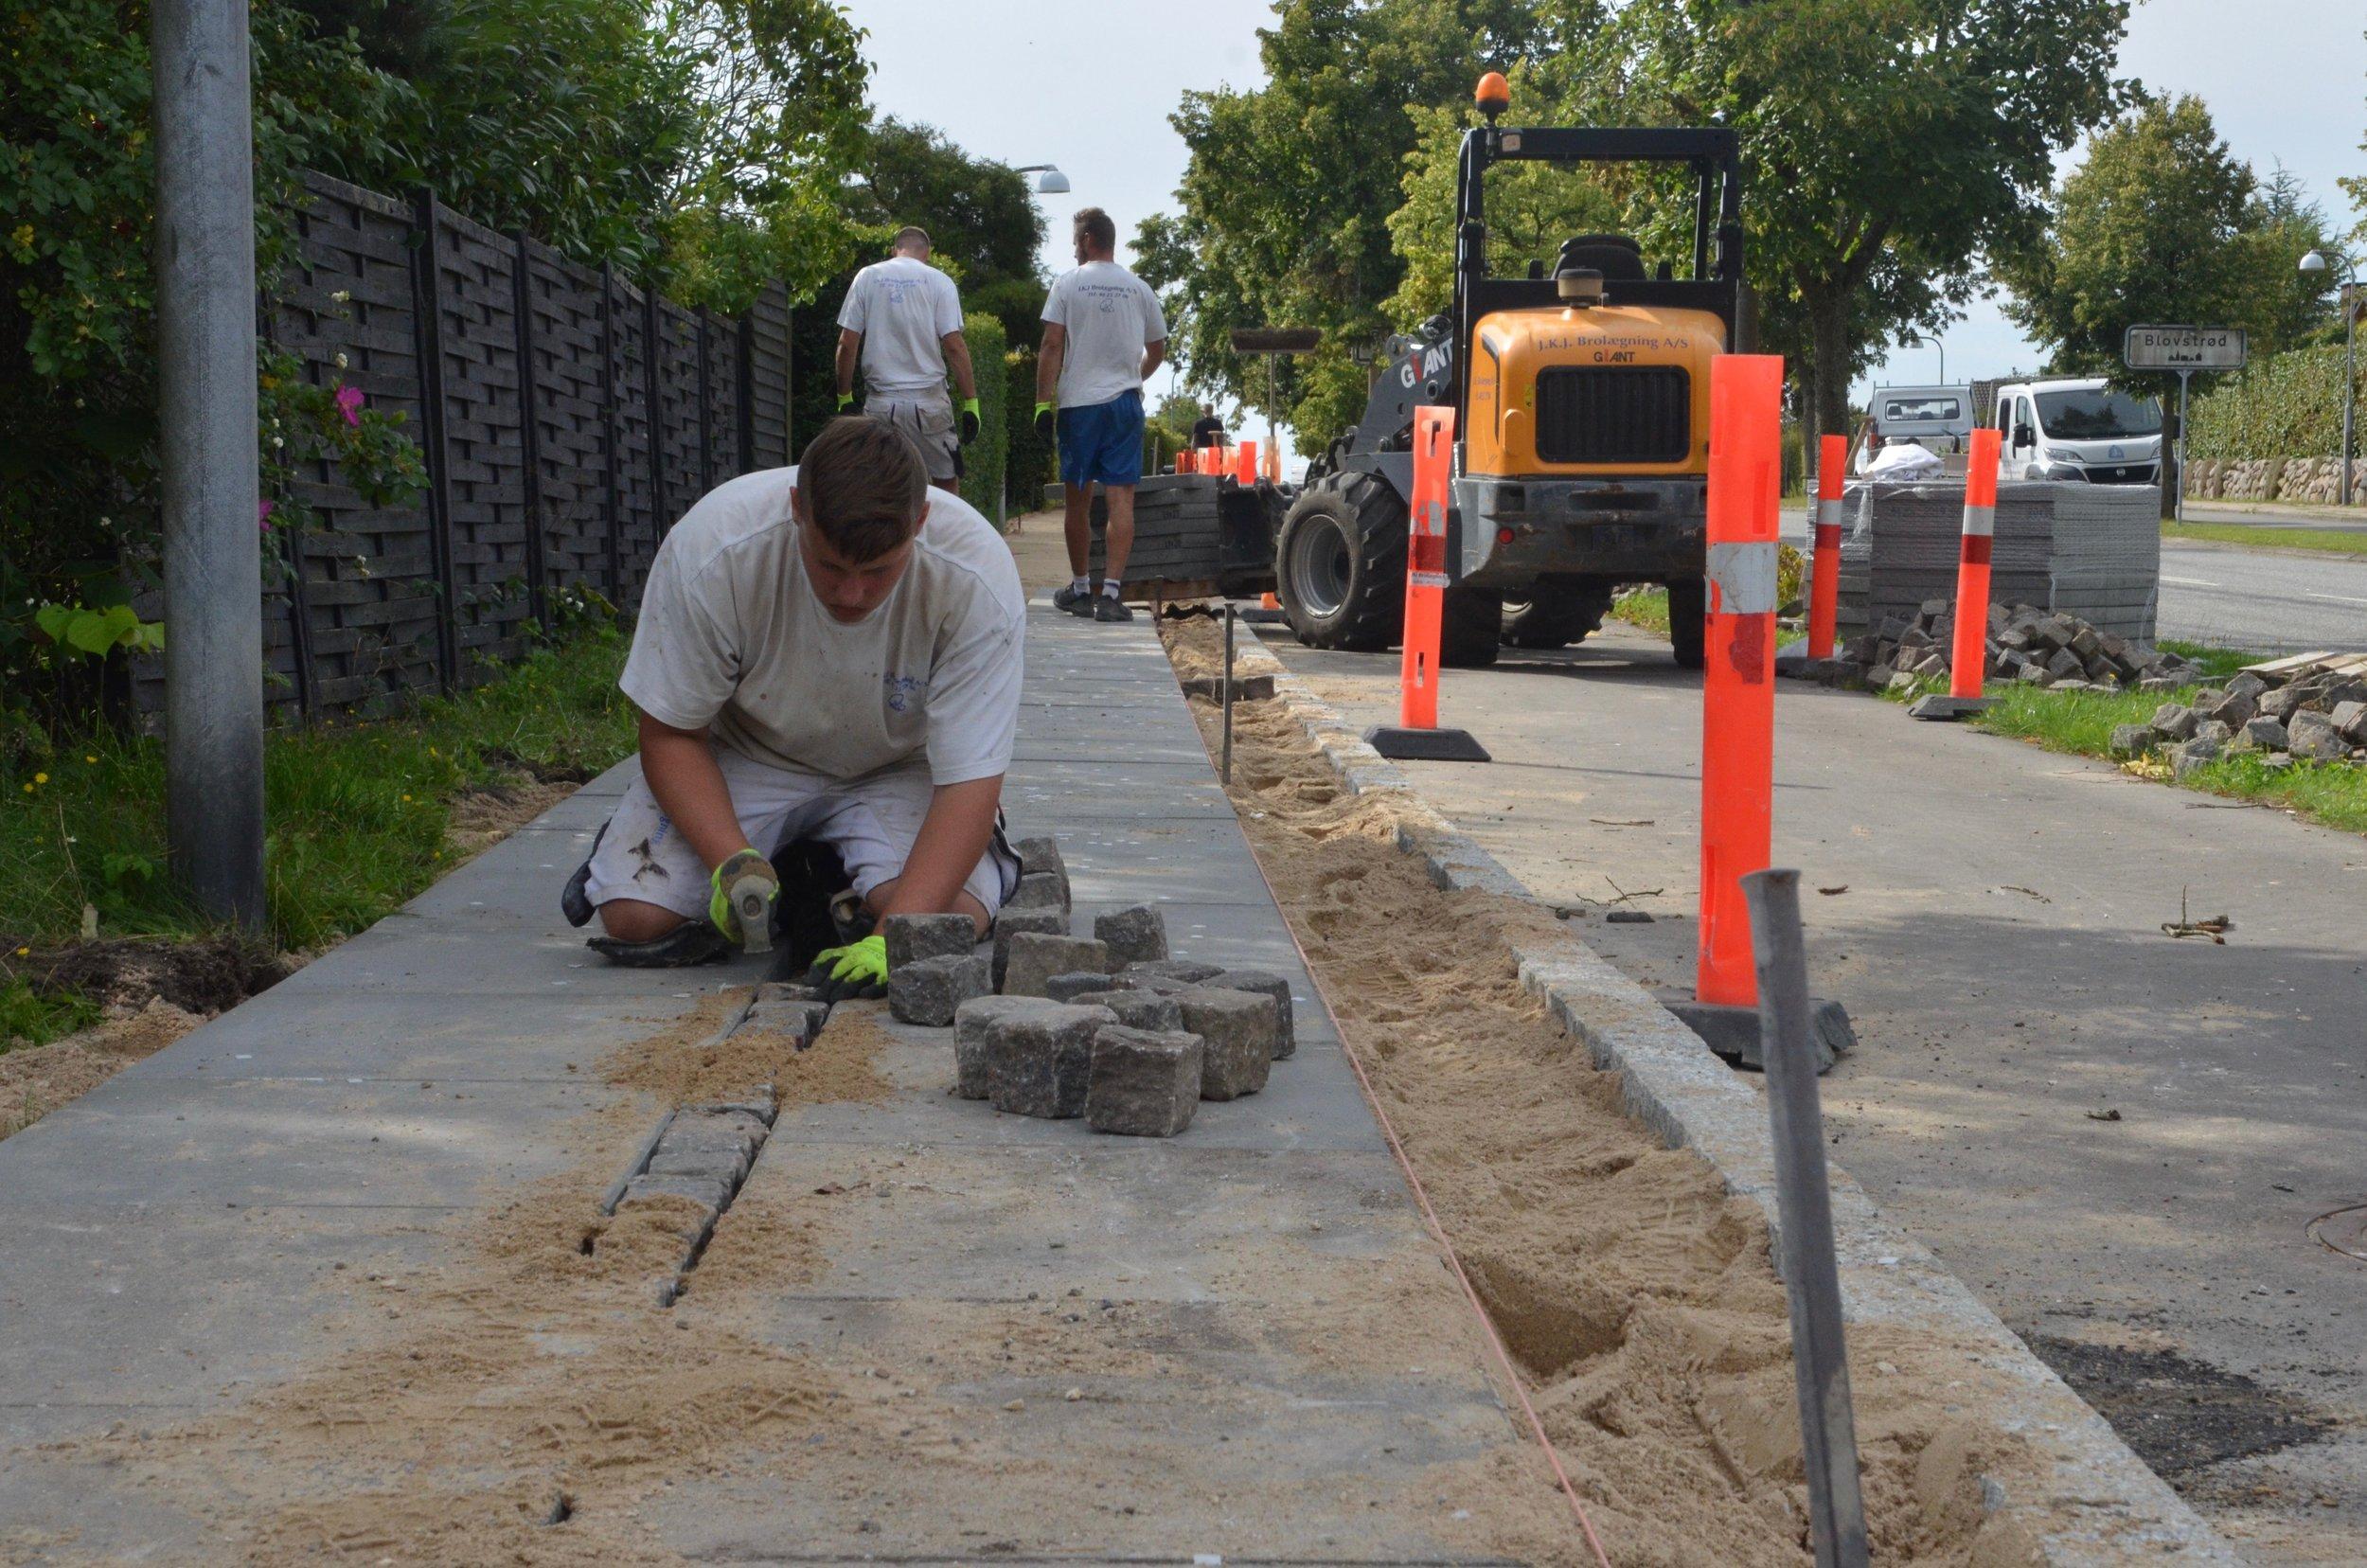 Nu bliver der sat nye granitkantsten op mellem cykelstien og det nye fortov, som udføres med nye betonfliser og med genanvendelse af de gamle chaussésten - det bliver rigtig fint. Foto: AOB